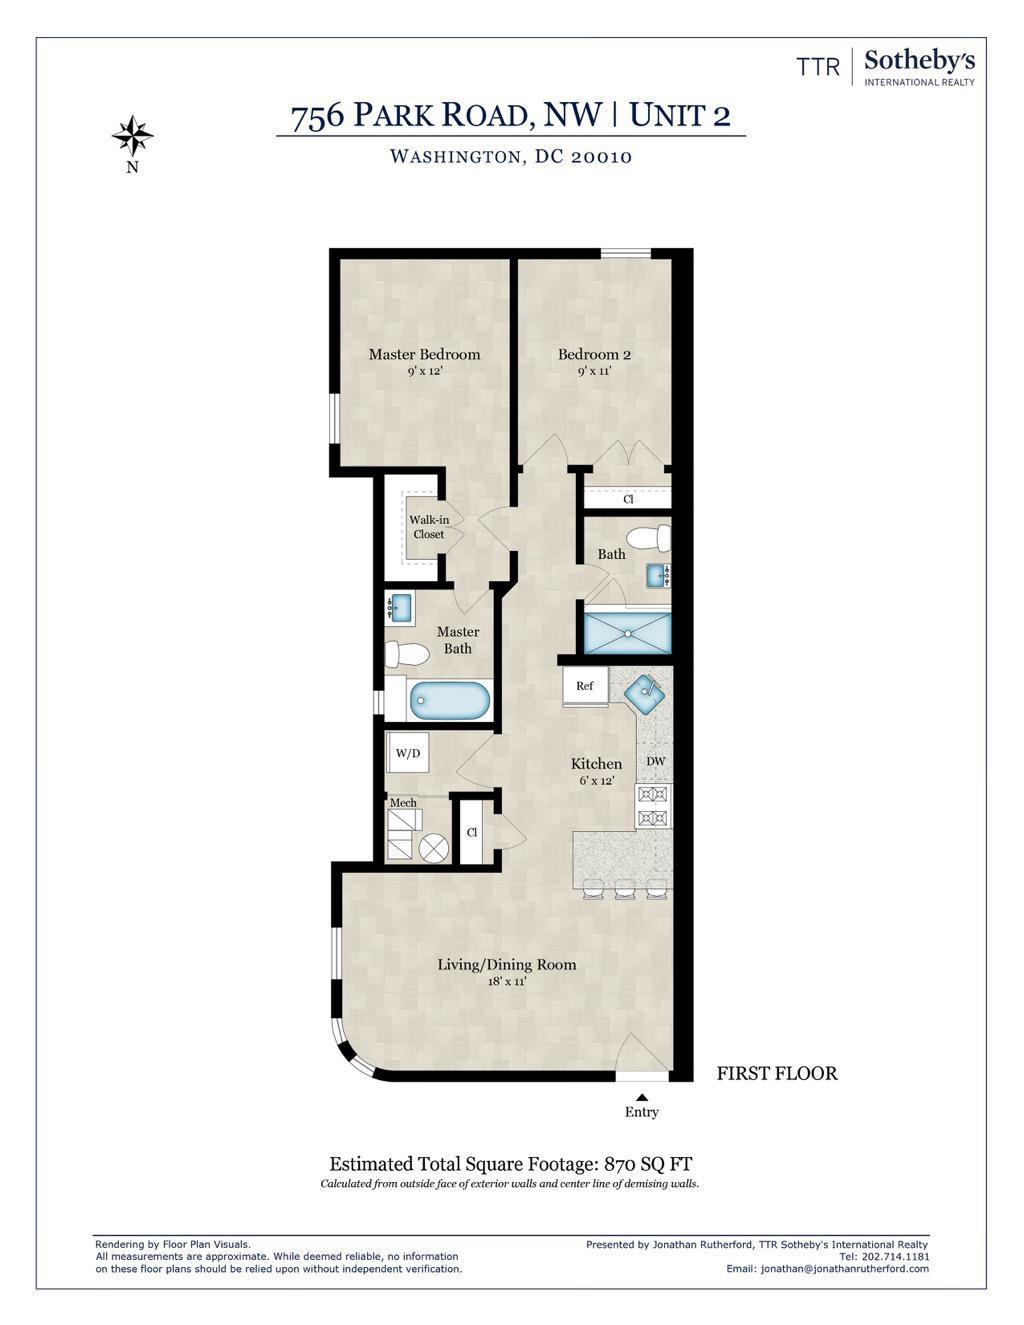 22-Floor Plans for Unit 2.jpg